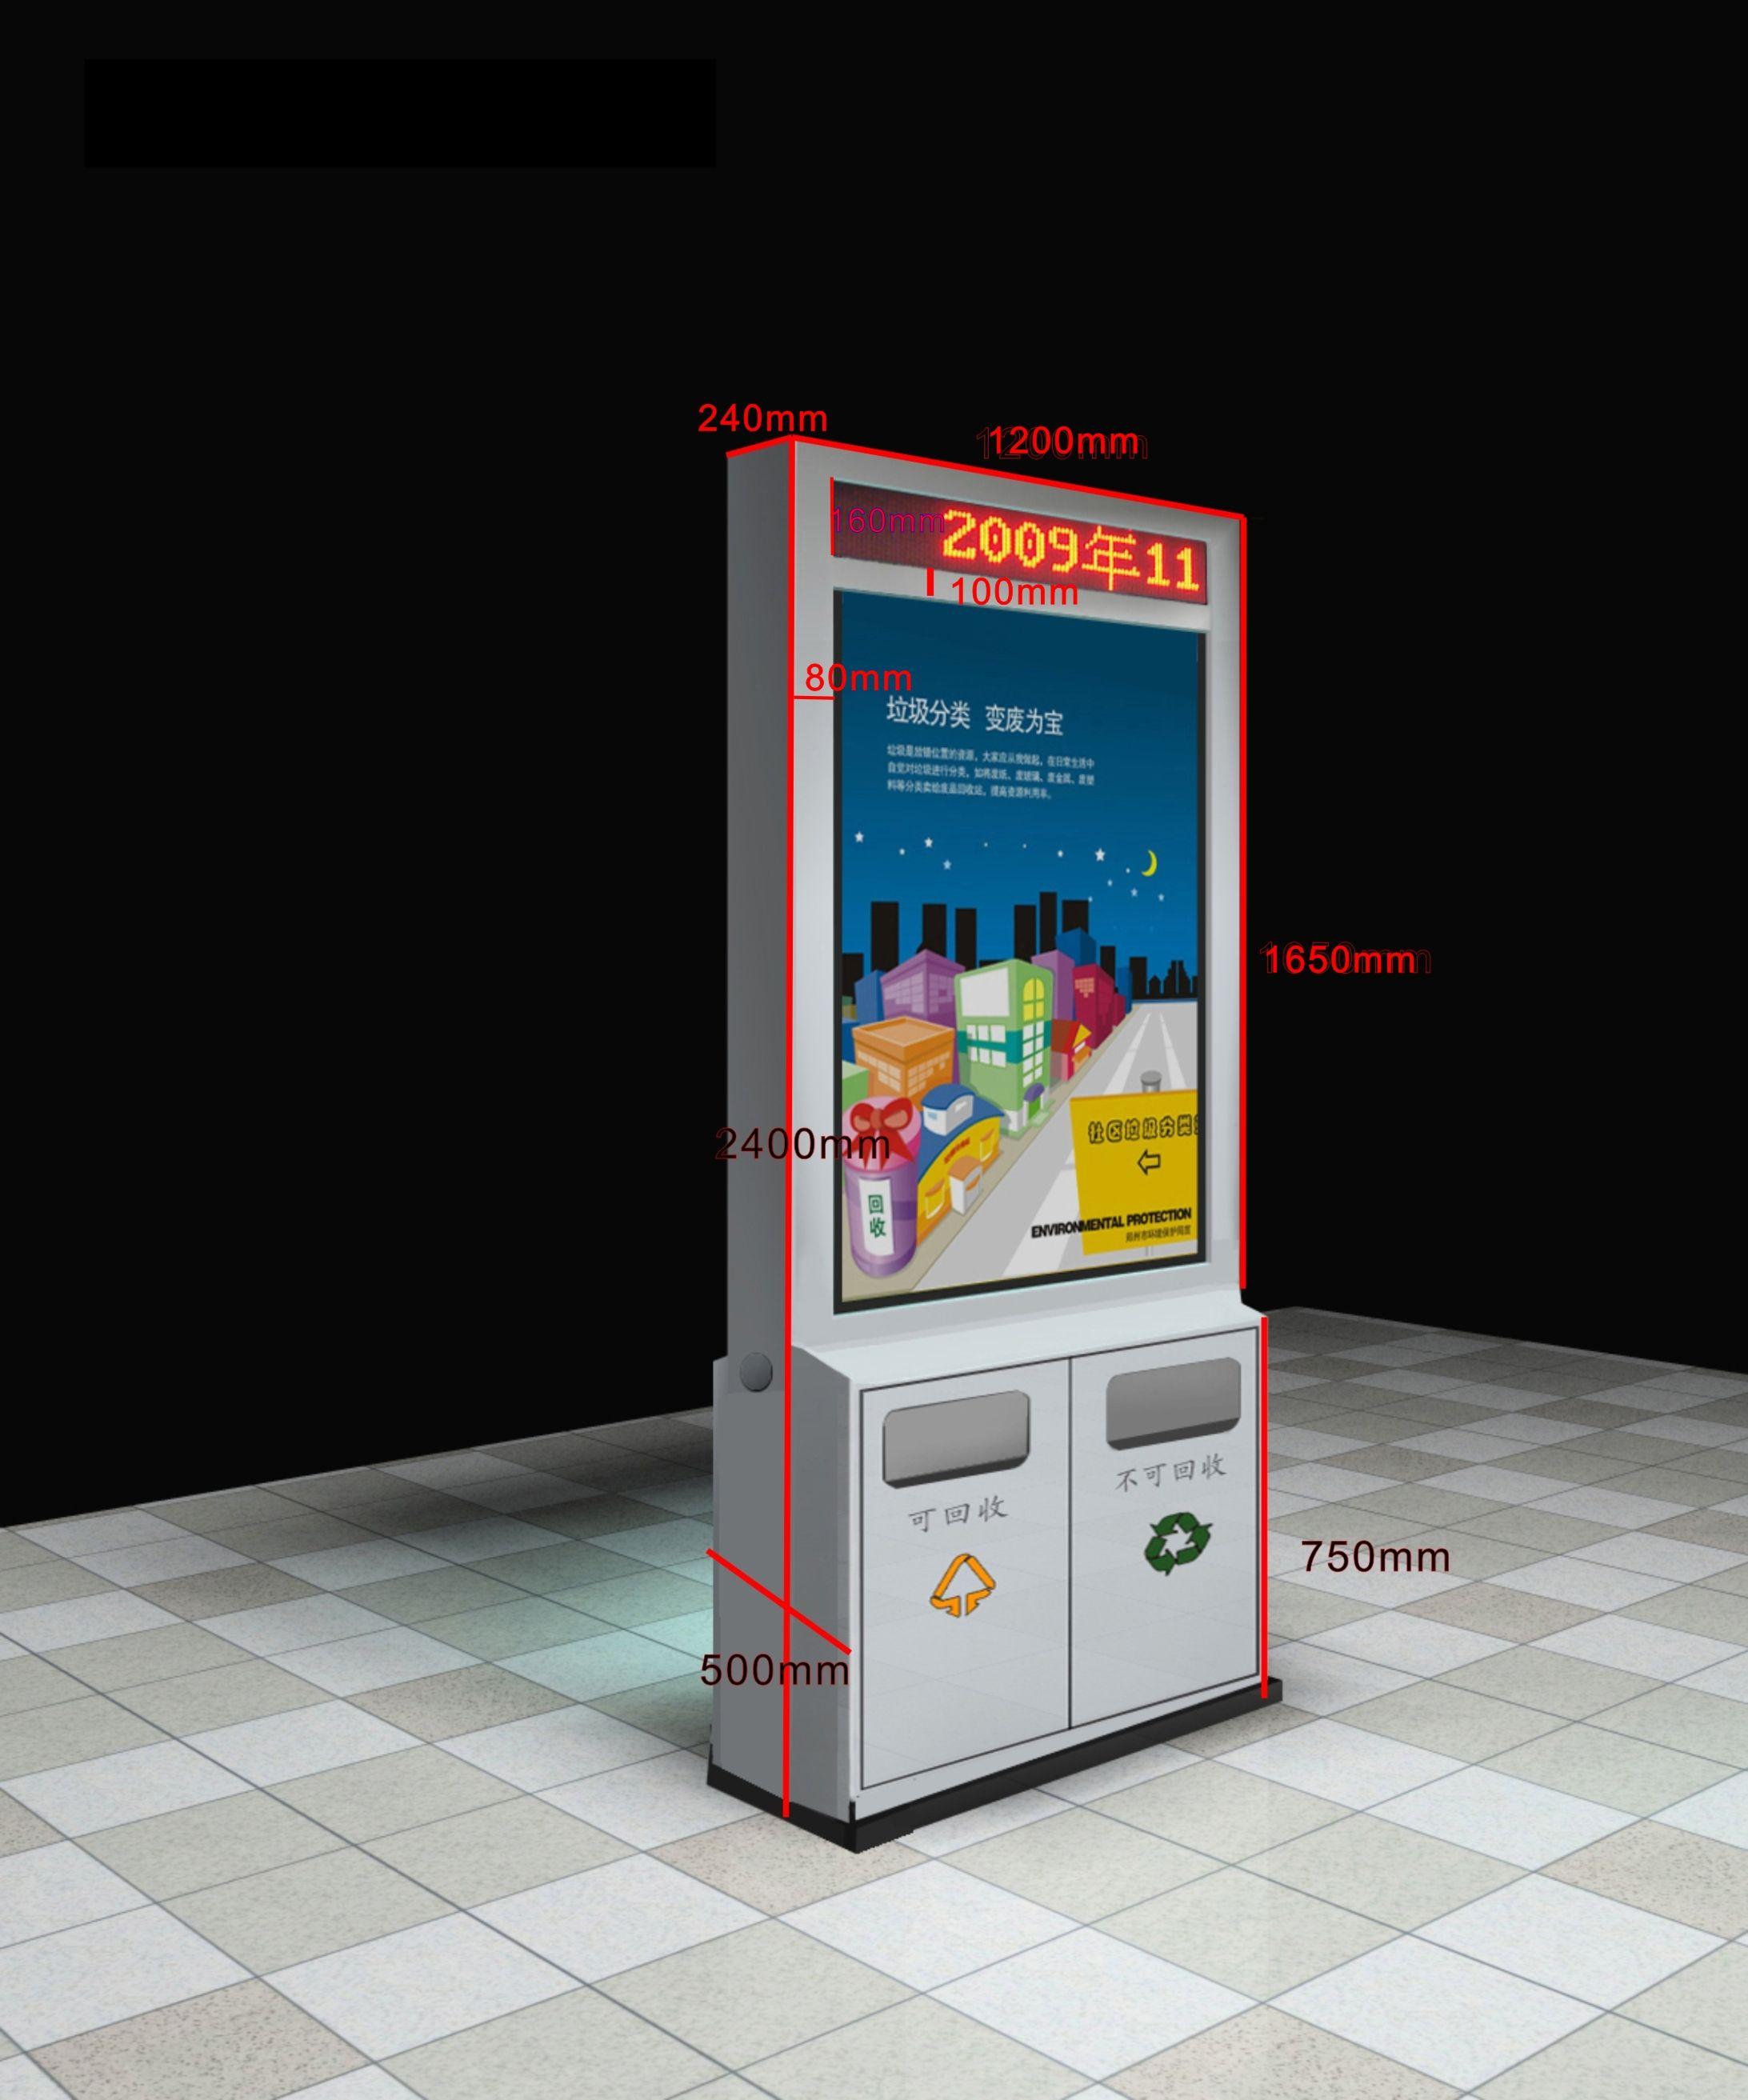 宣武广告垃圾箱市场价格